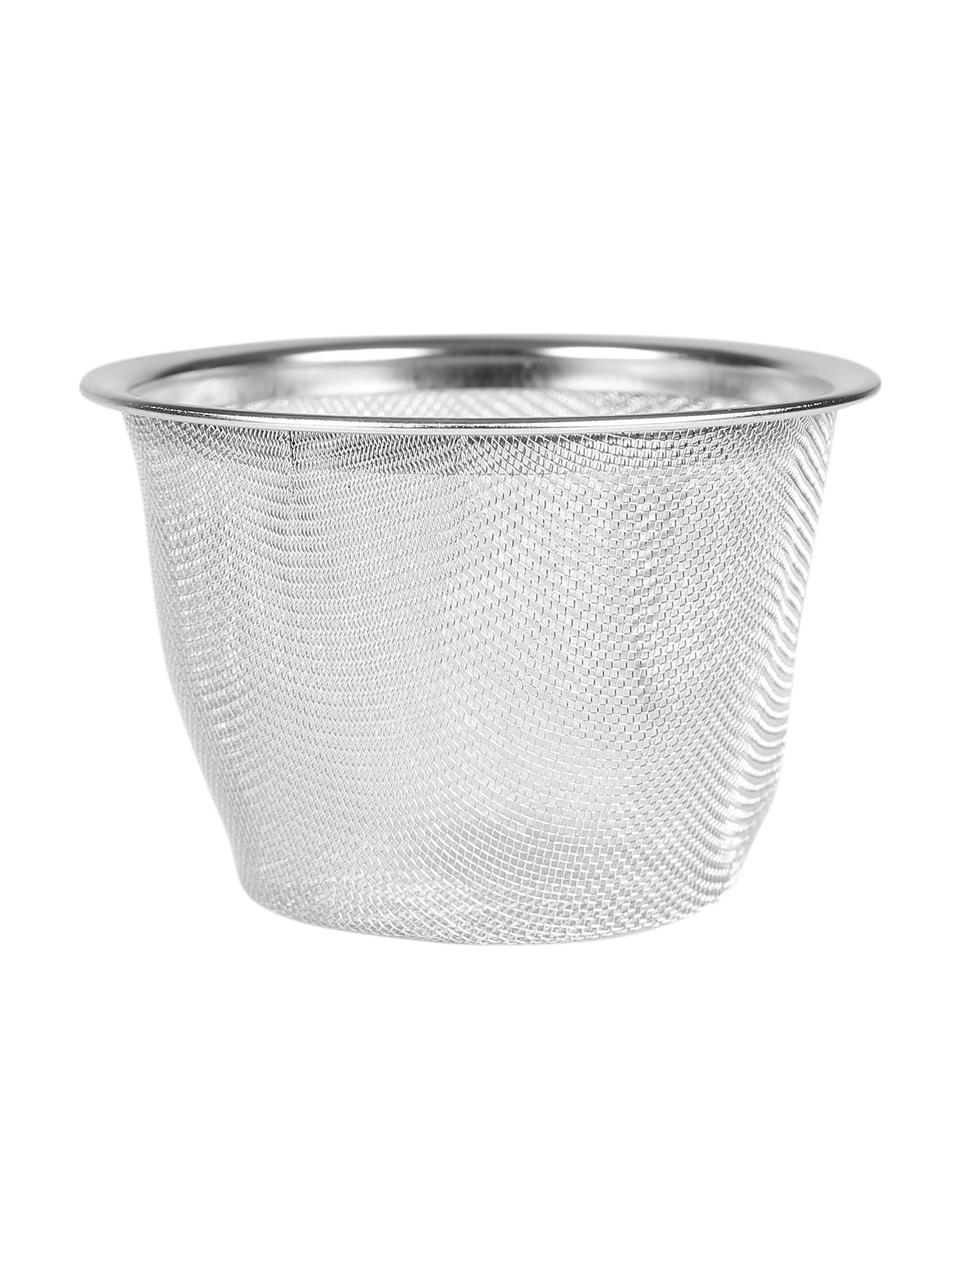 Teekanne Picot, 800 ml, Henkel: Rostfreier Stahl, beschic, Schwarz, Goldfarben, 800 ml